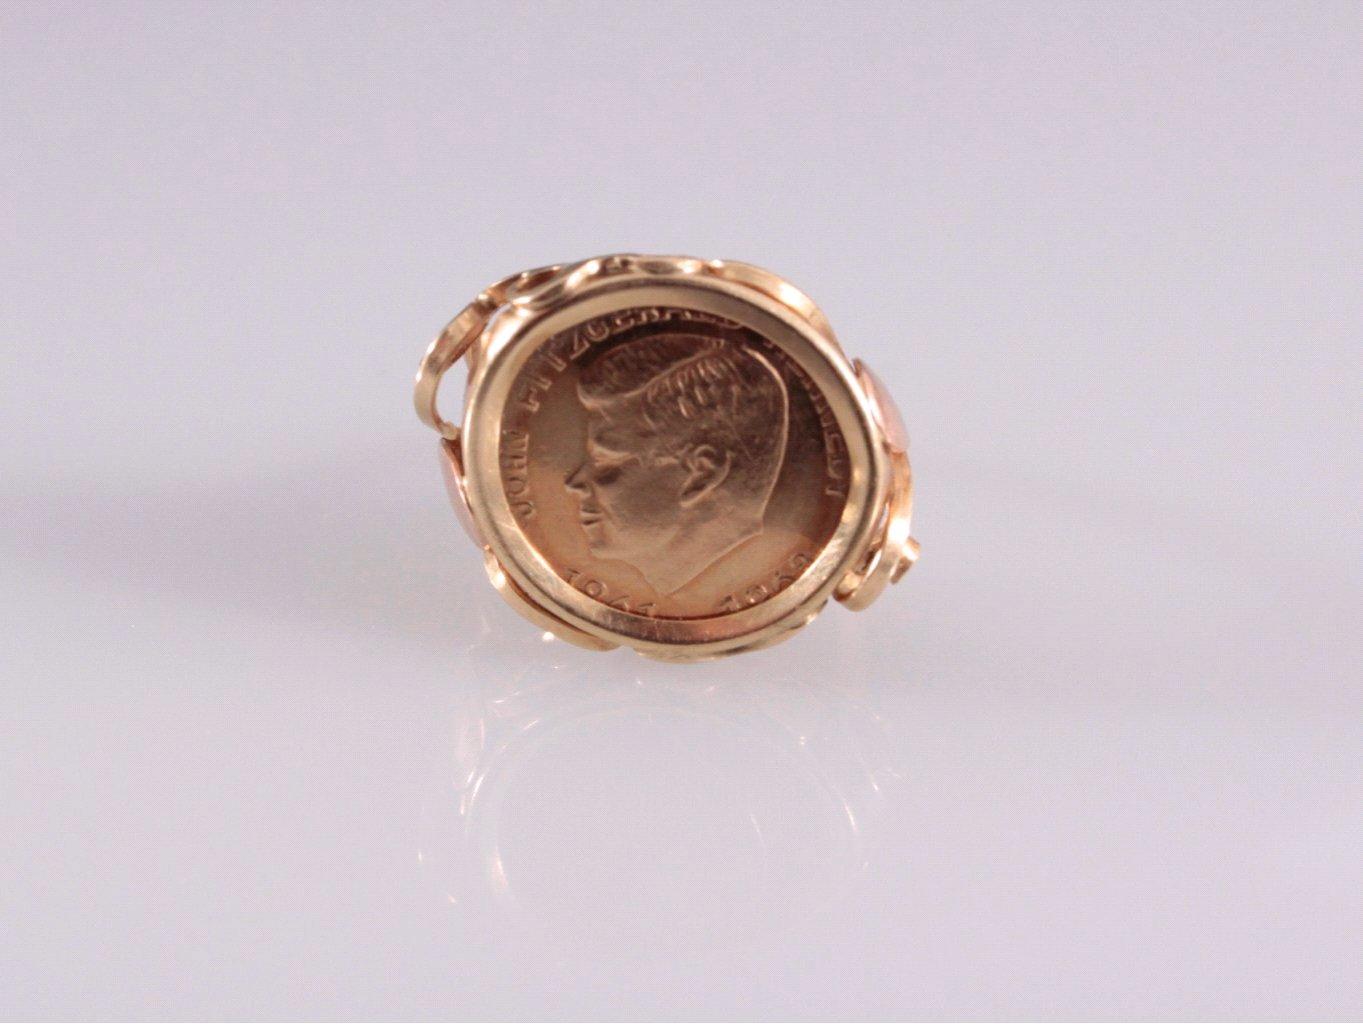 Damenring mit gefasster Medaille, 14 Kt. Gelbgold